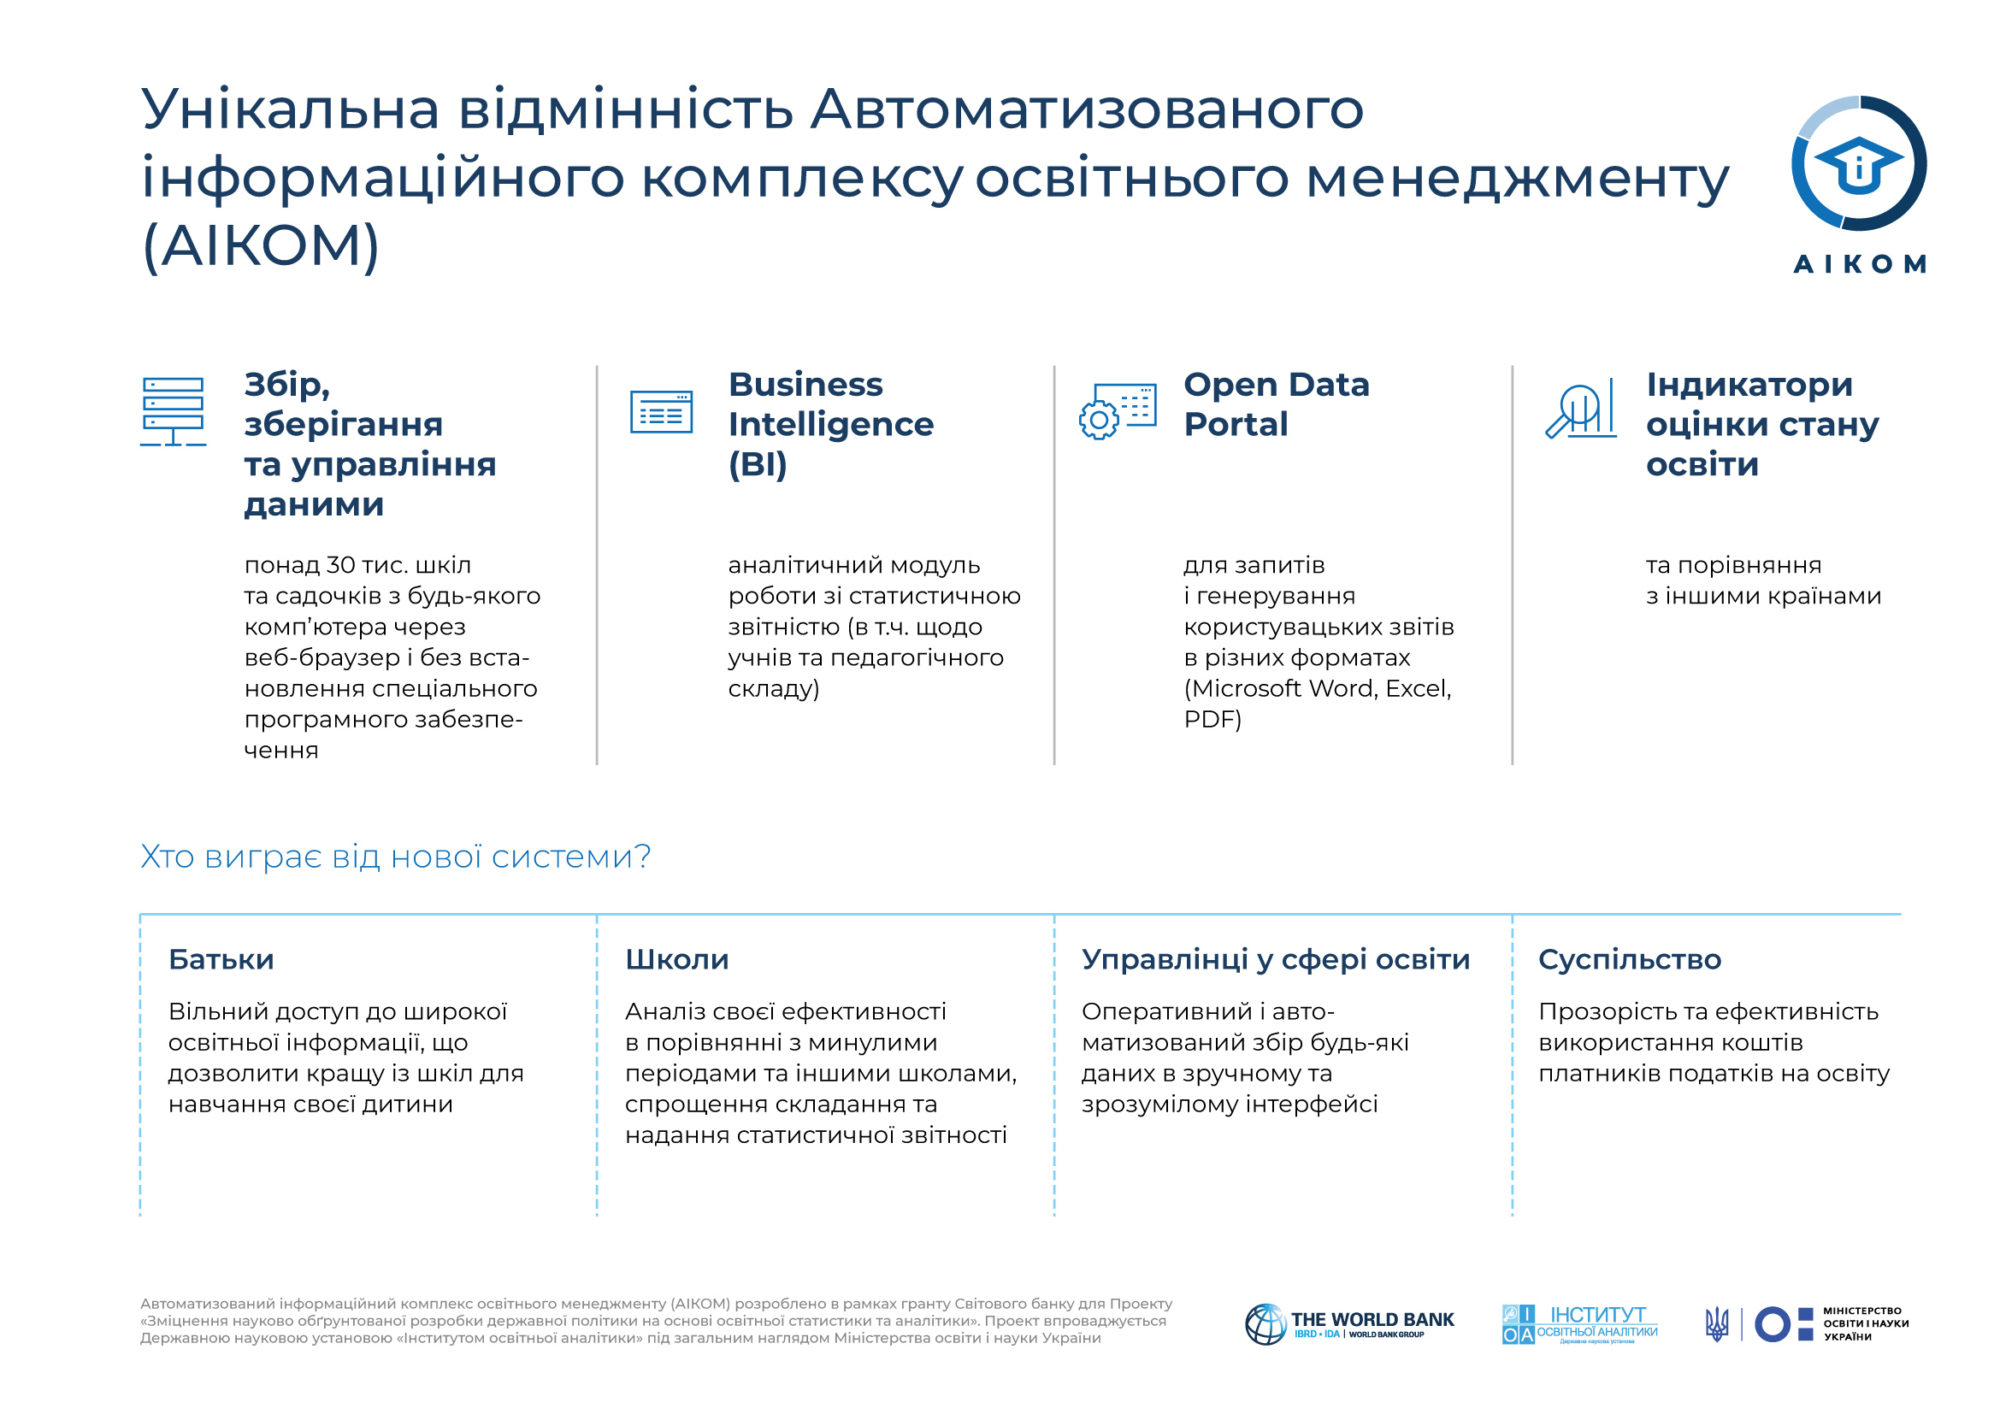 Infografika-3-2000x1414 Освітні інформаційні технології  як інструмент підвищення конкурентоспроможності української школи